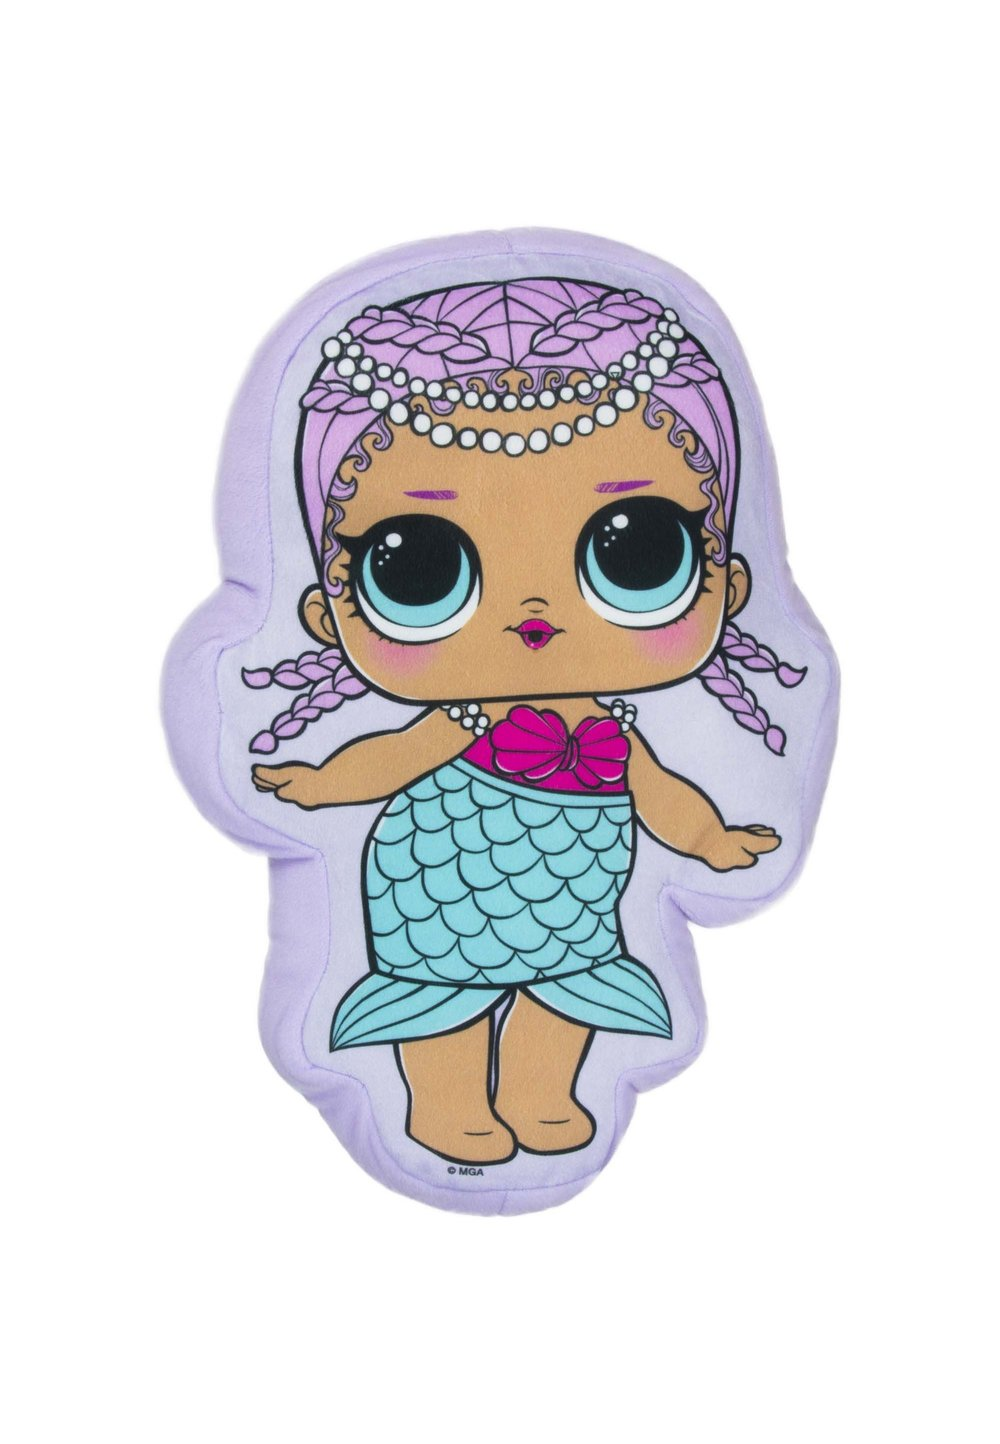 Perna Lol, sirena mov, 35x25cm imagine